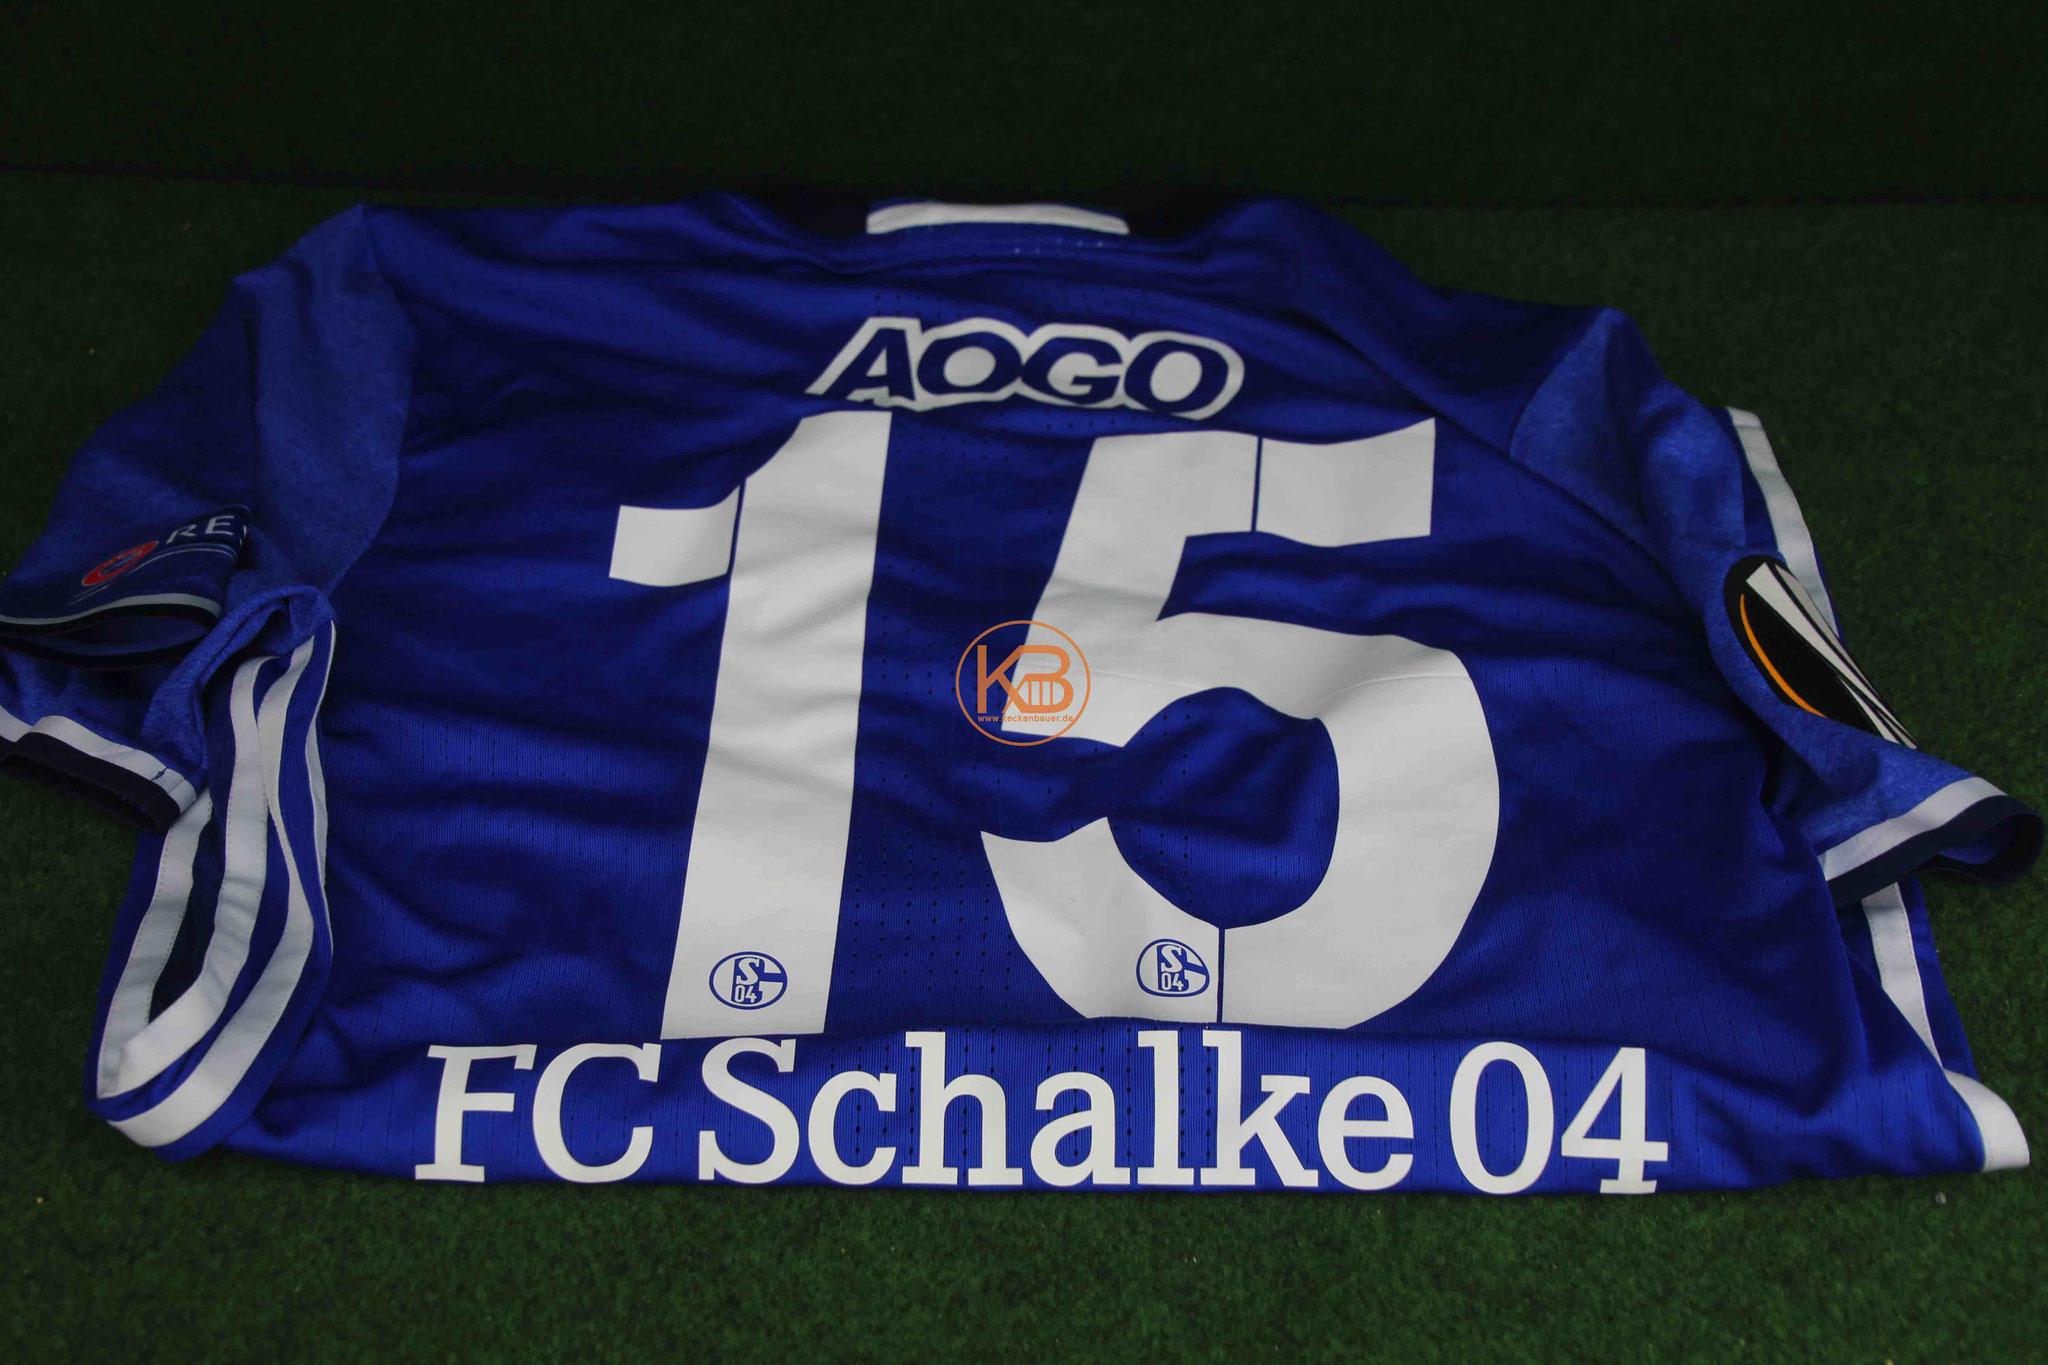 Ein original Matchprepared Uefa Pokal Trikot von Schalke 04  von Dennis Aogo 2/2